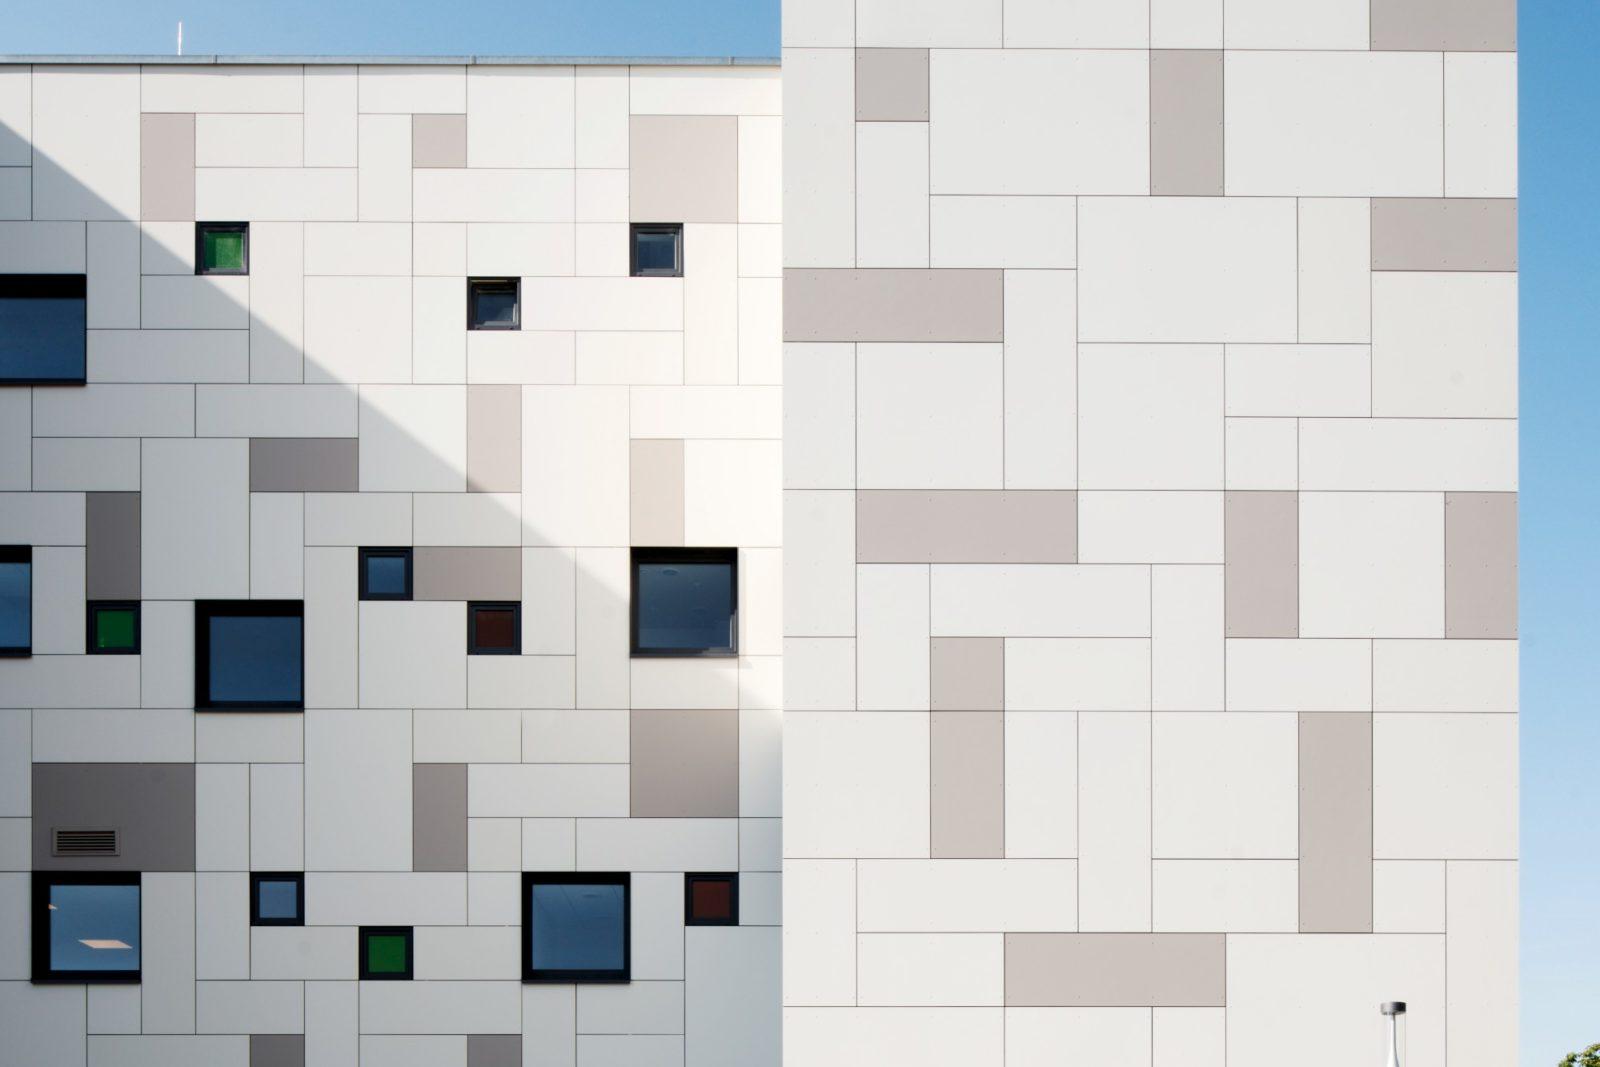 Neubau Kita und Förderschule an der alten Messe, Leipzig - Detailansicht